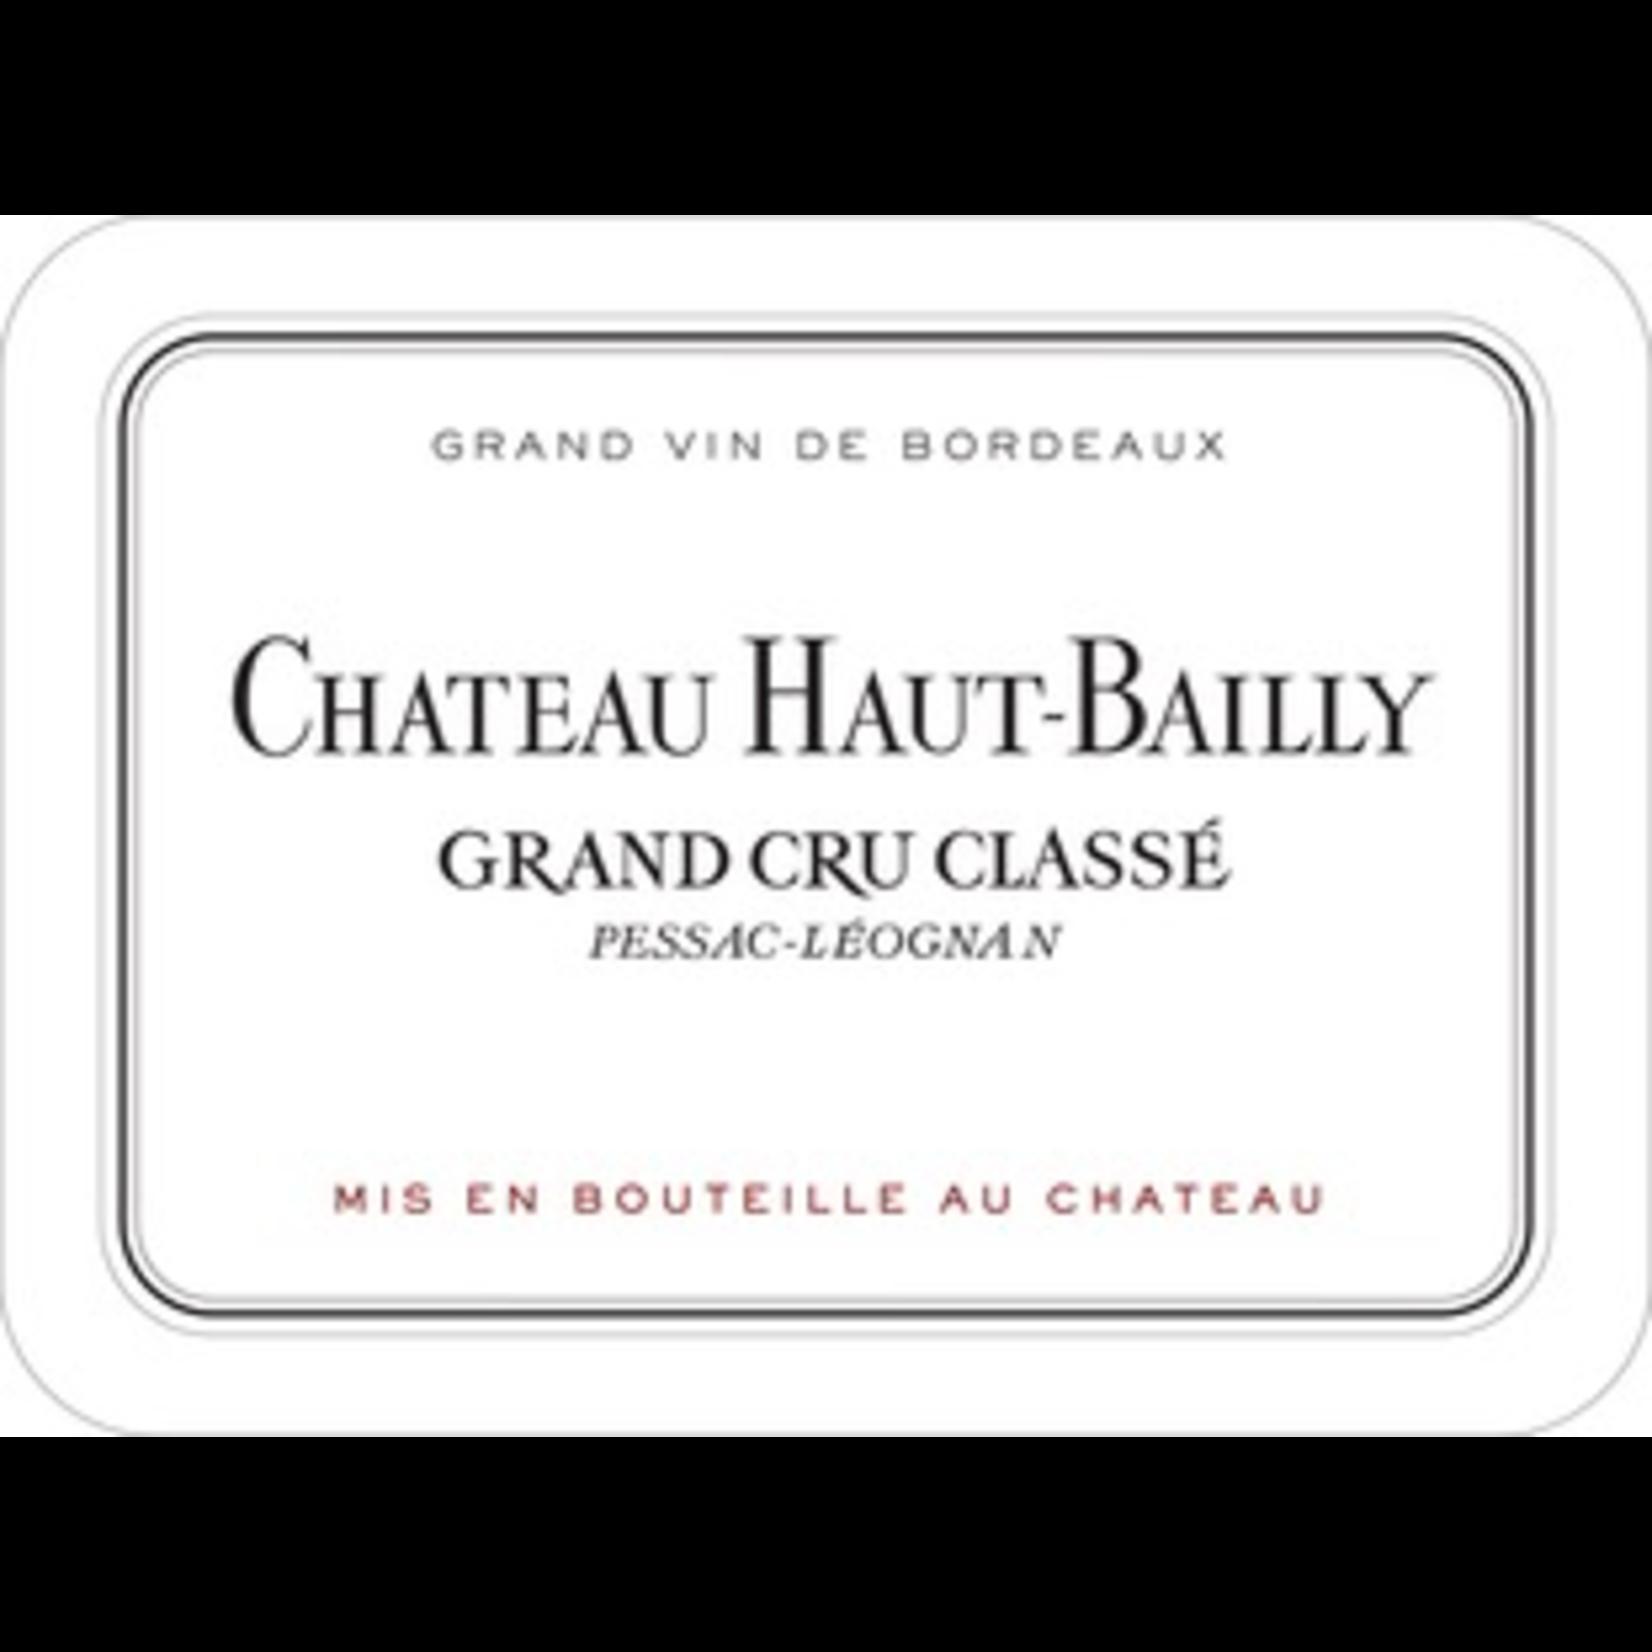 Wine Chateau Haut Bailly, Pessac-Leognan Grand Cru Classe 2004